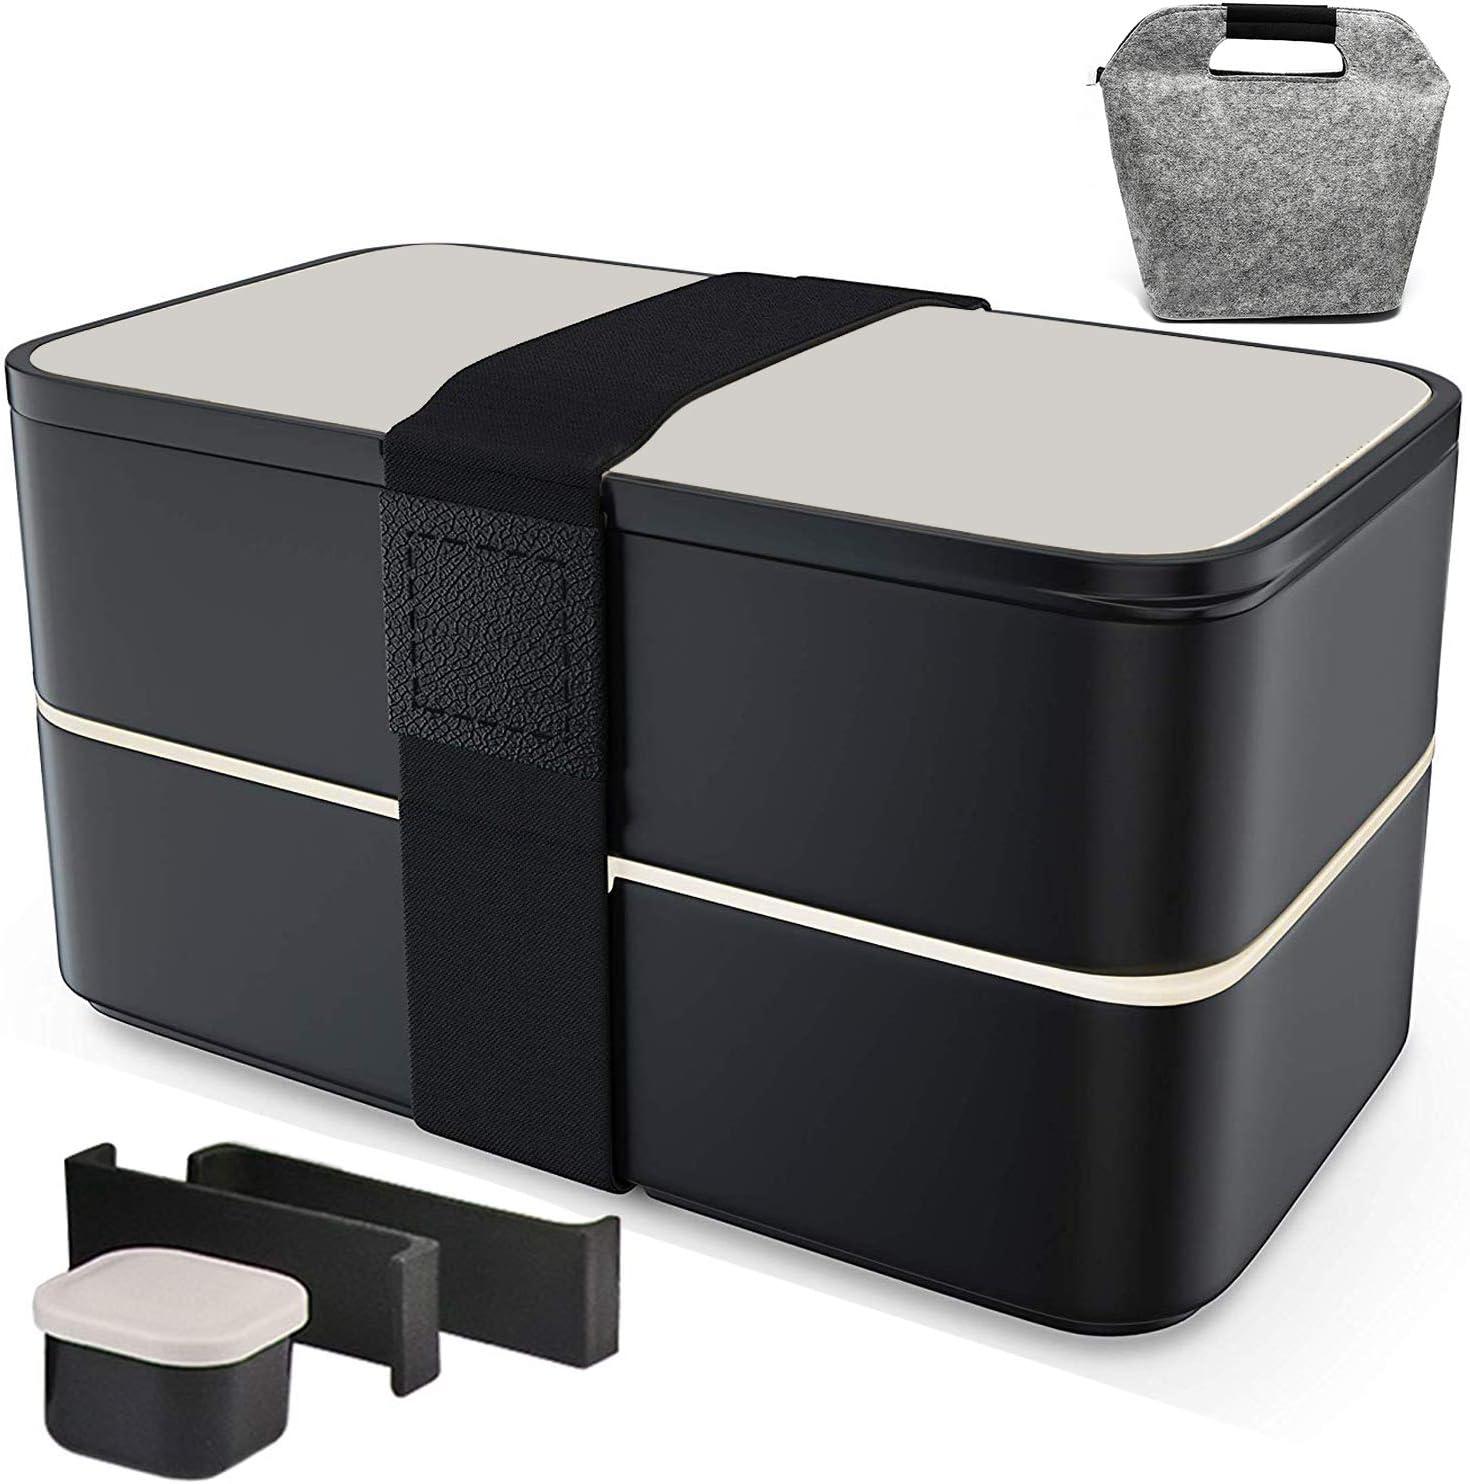 Fun Life Bento Box Contenedores de 1200 ml, 2 compartimentos con cubiertos reutilizables y bolsa de almuerzo estilo japonés para microondas lavavajillas (con caja de salsa): Amazon.es: Hogar